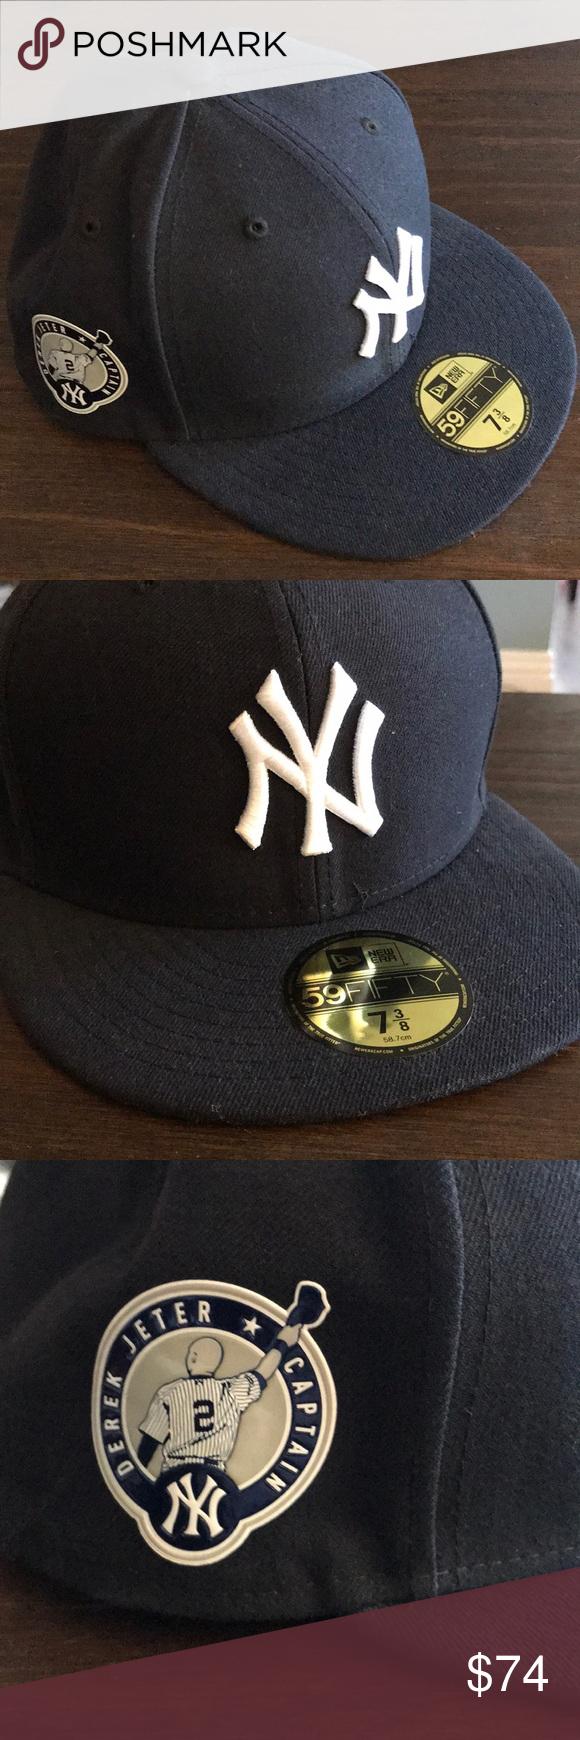 Yankees Special Edition 59fifty New Era 7 3 8 Cap New Era Cap Men New Era 59fifty